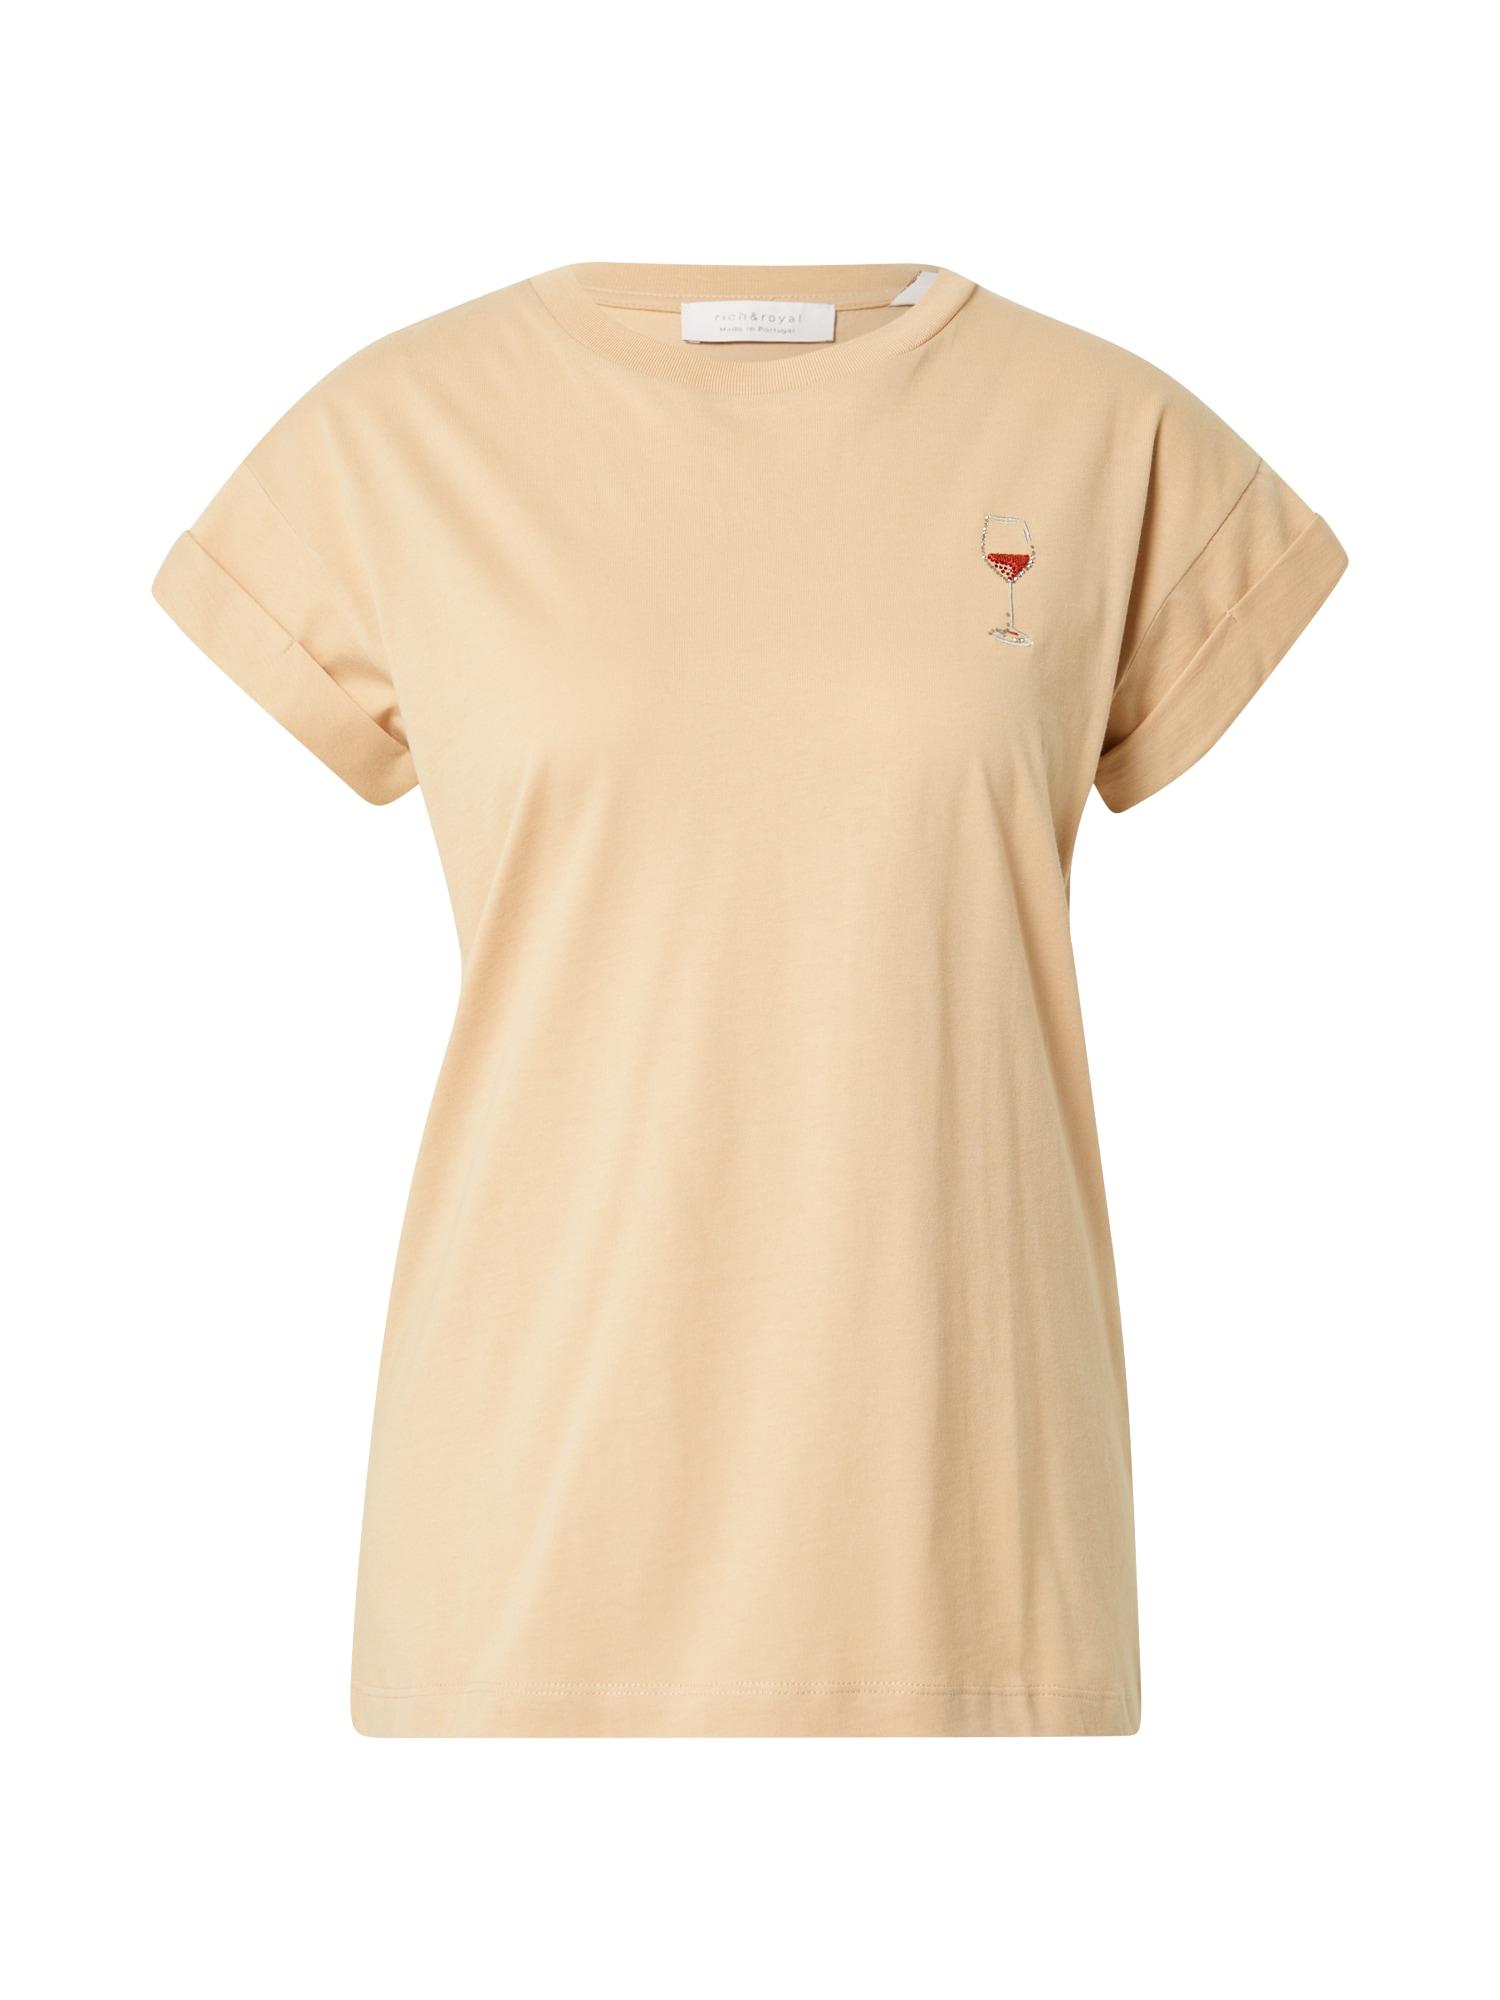 Rich & Royal Marškinėliai gelsvai pilka spalva / raudona